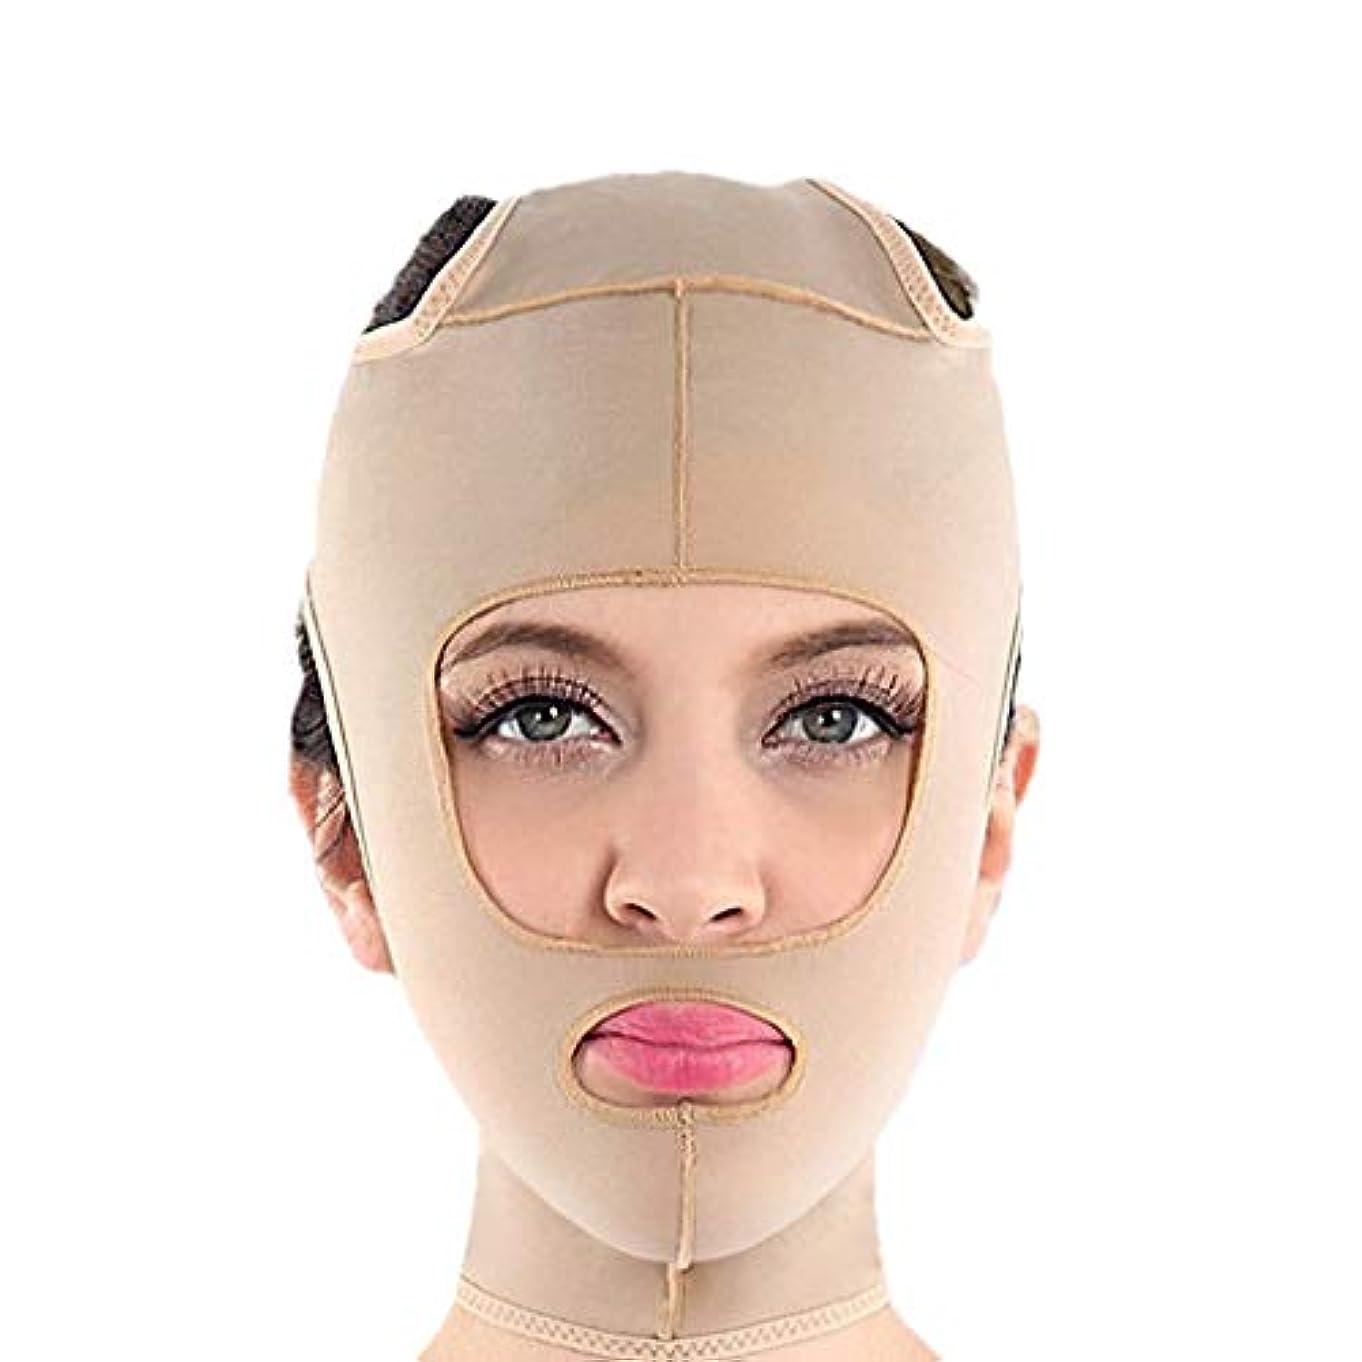 女将降臨もっと少なくフェイスリフティング、ダブルチンストラップ、フェイシャル減量マスク、ダブルチンを減らすリフティングヌードル、ファーミングフェイス、パワフルリフティングマスク(サイズ:M),S